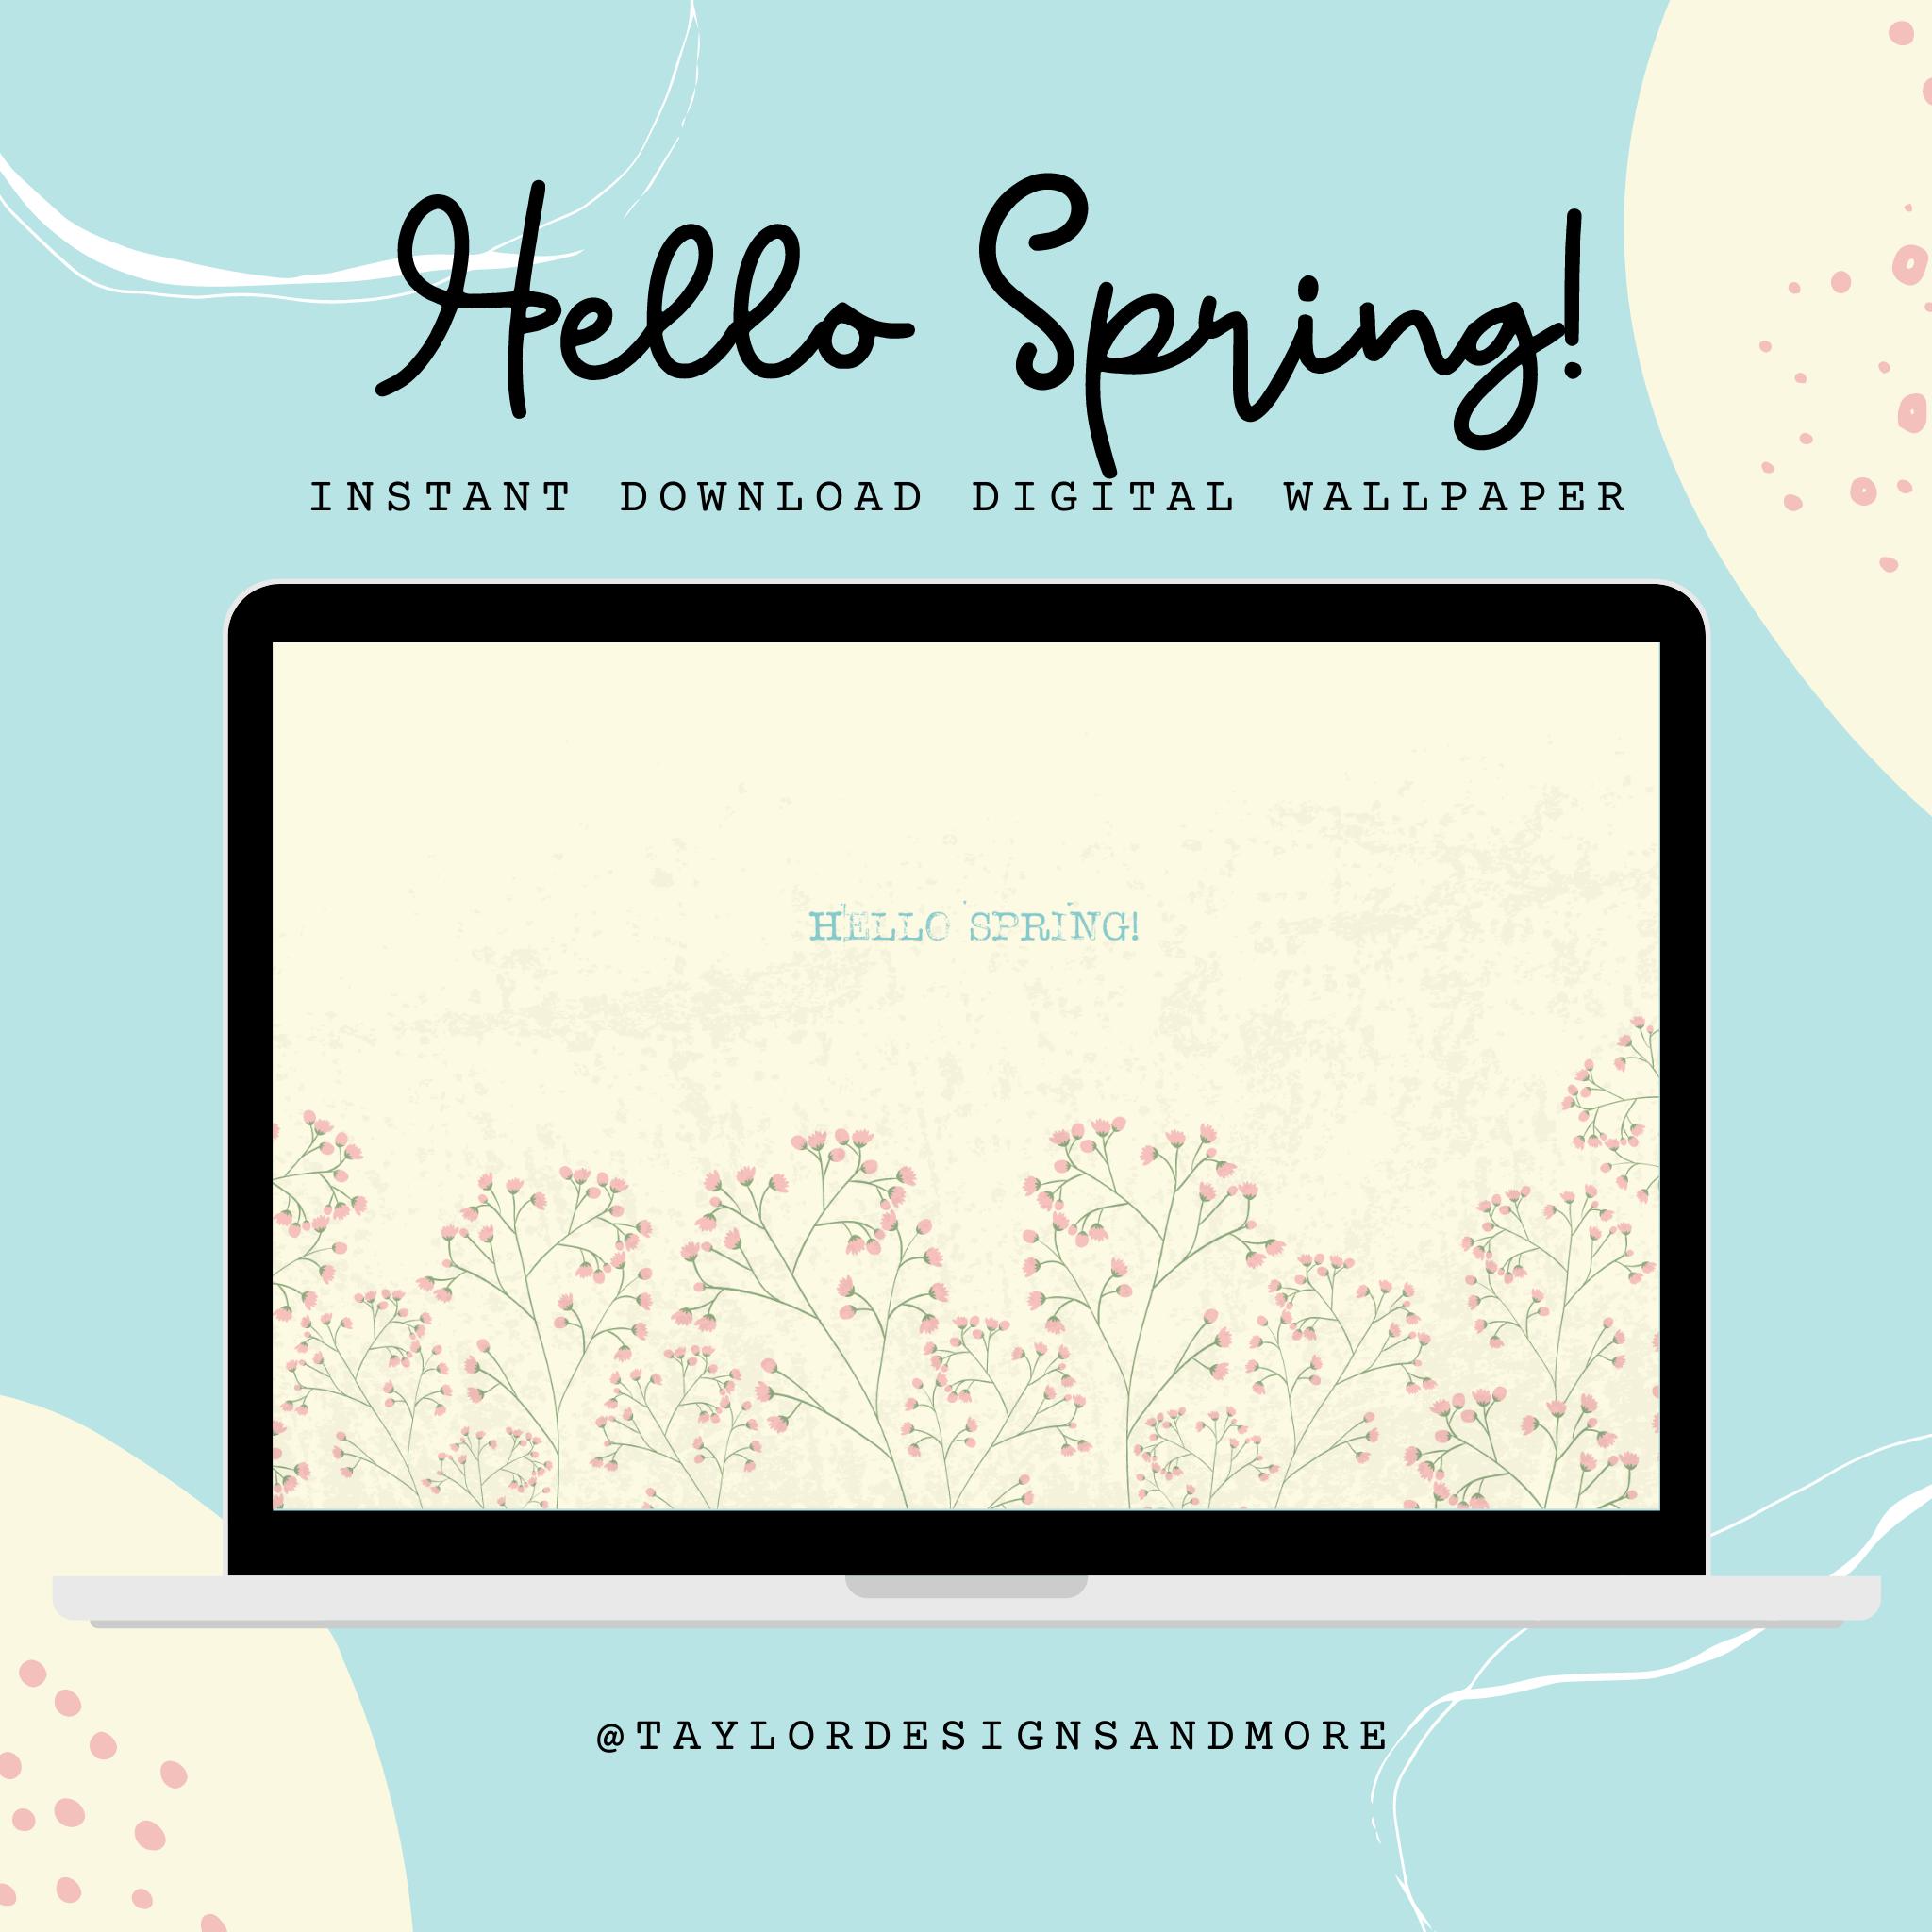 Typewriter Hello Spring Desktop Wallpaper   Instant Digital Download   Floral, Pastel Background For Tablet, Laptop, Desktop